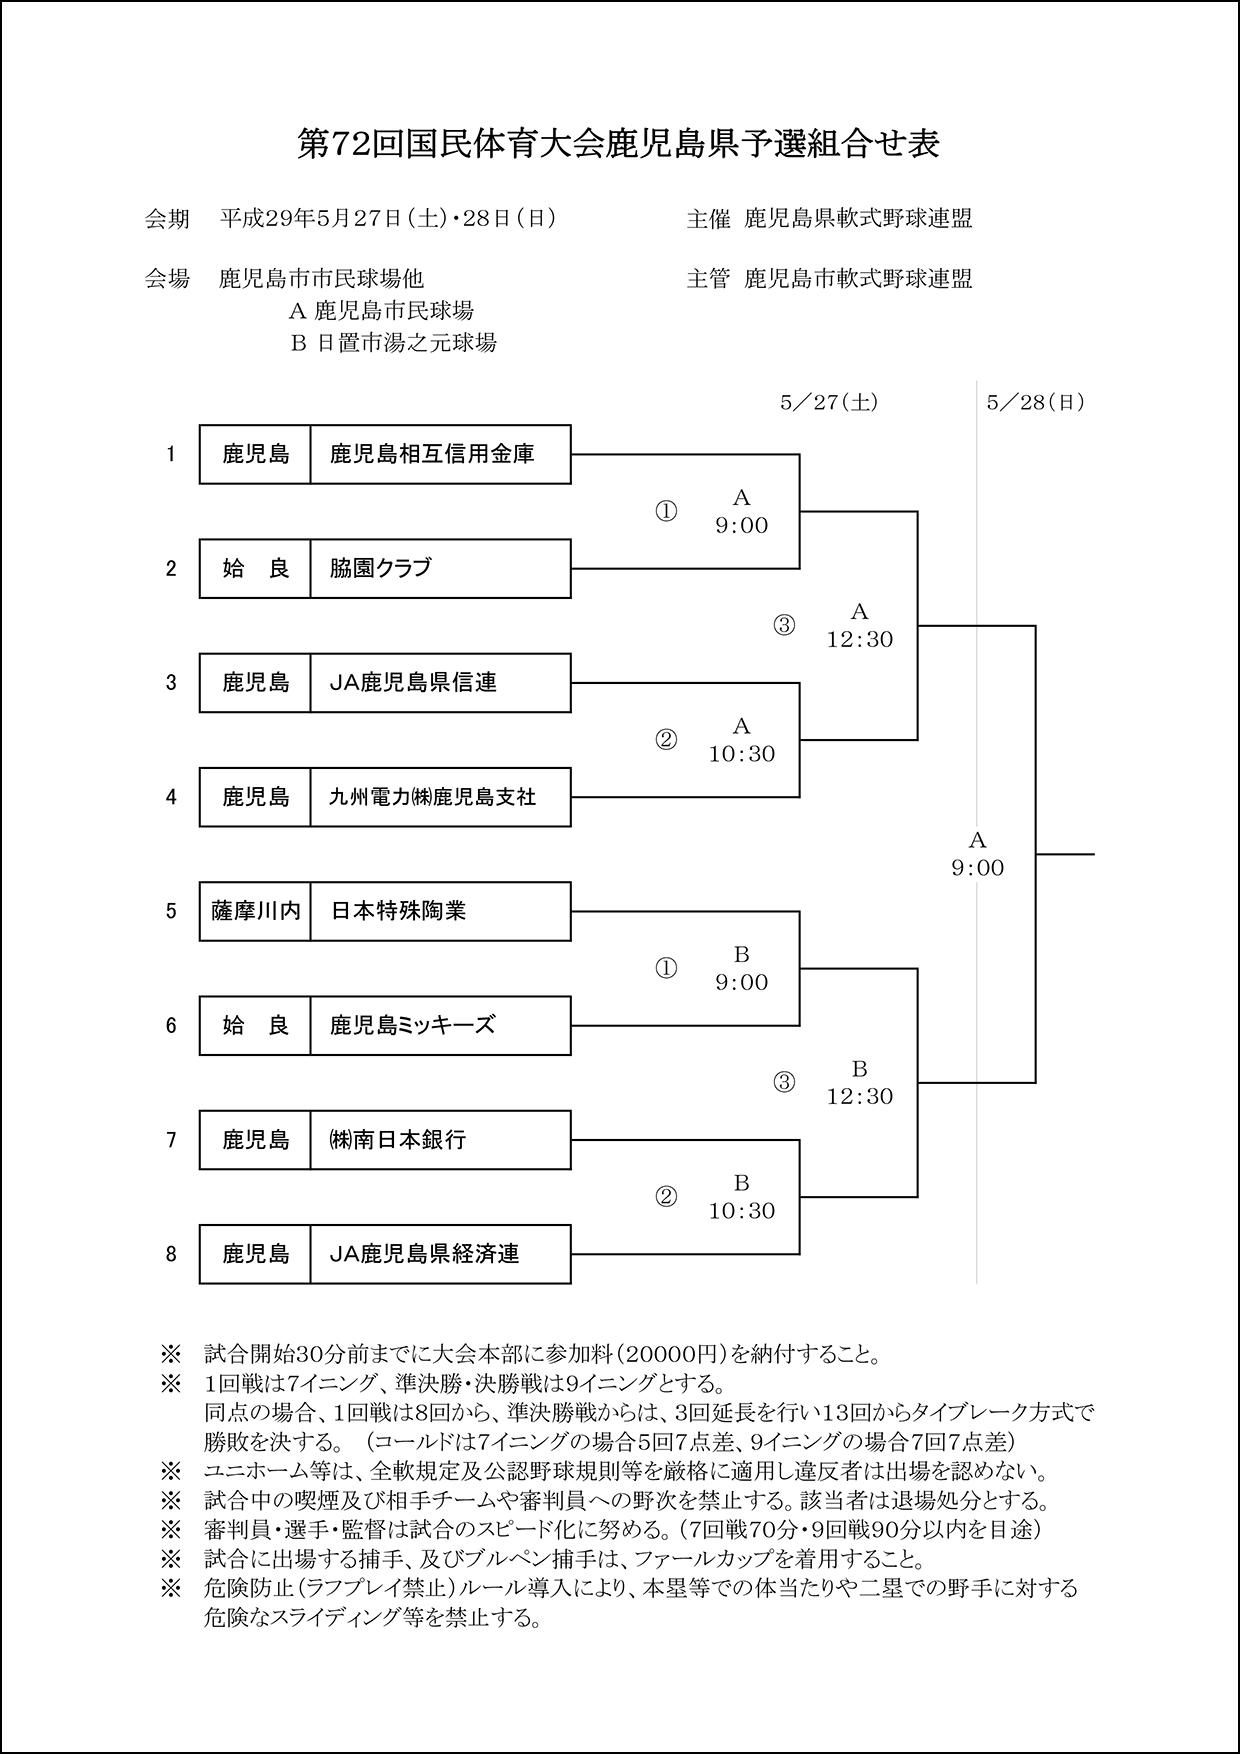 【組合せ】第72回国民体育大会県予選組合せ